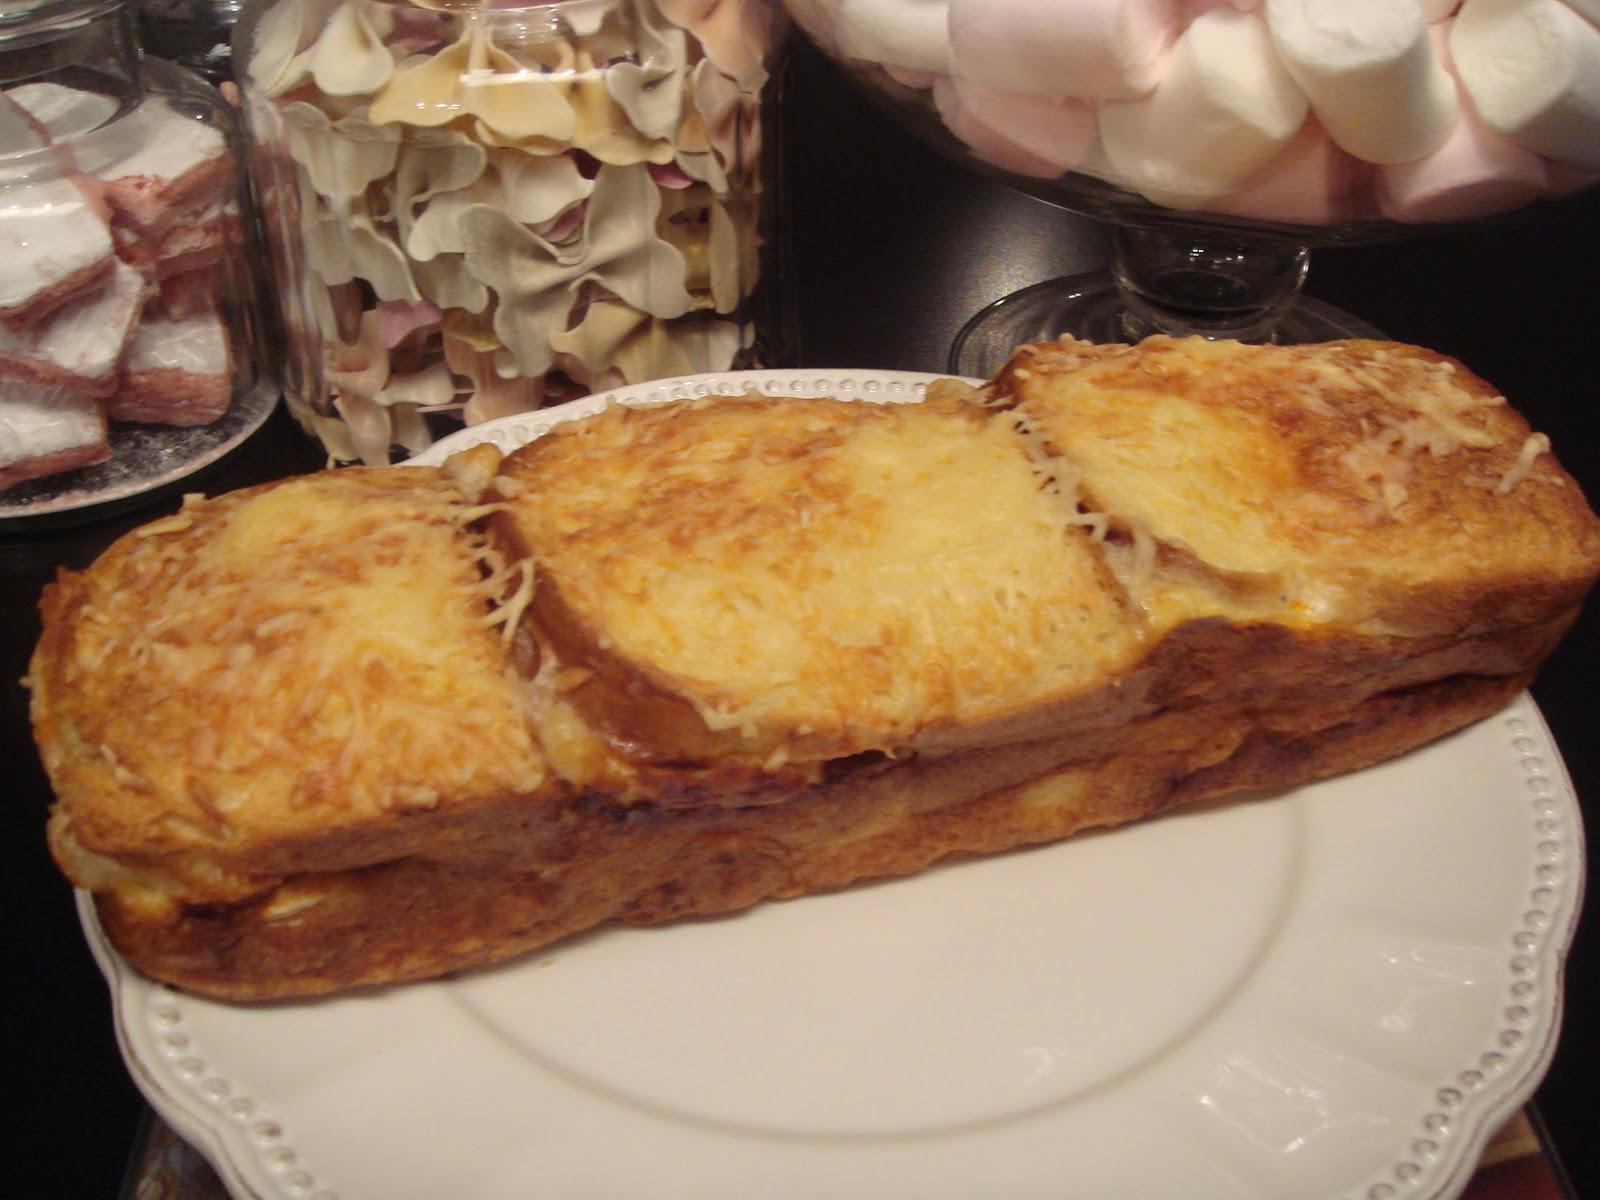 Les recettes d 39 emilie cake croque monsieur au ch vre et au chorizo - Recette croque monsieur au four original ...